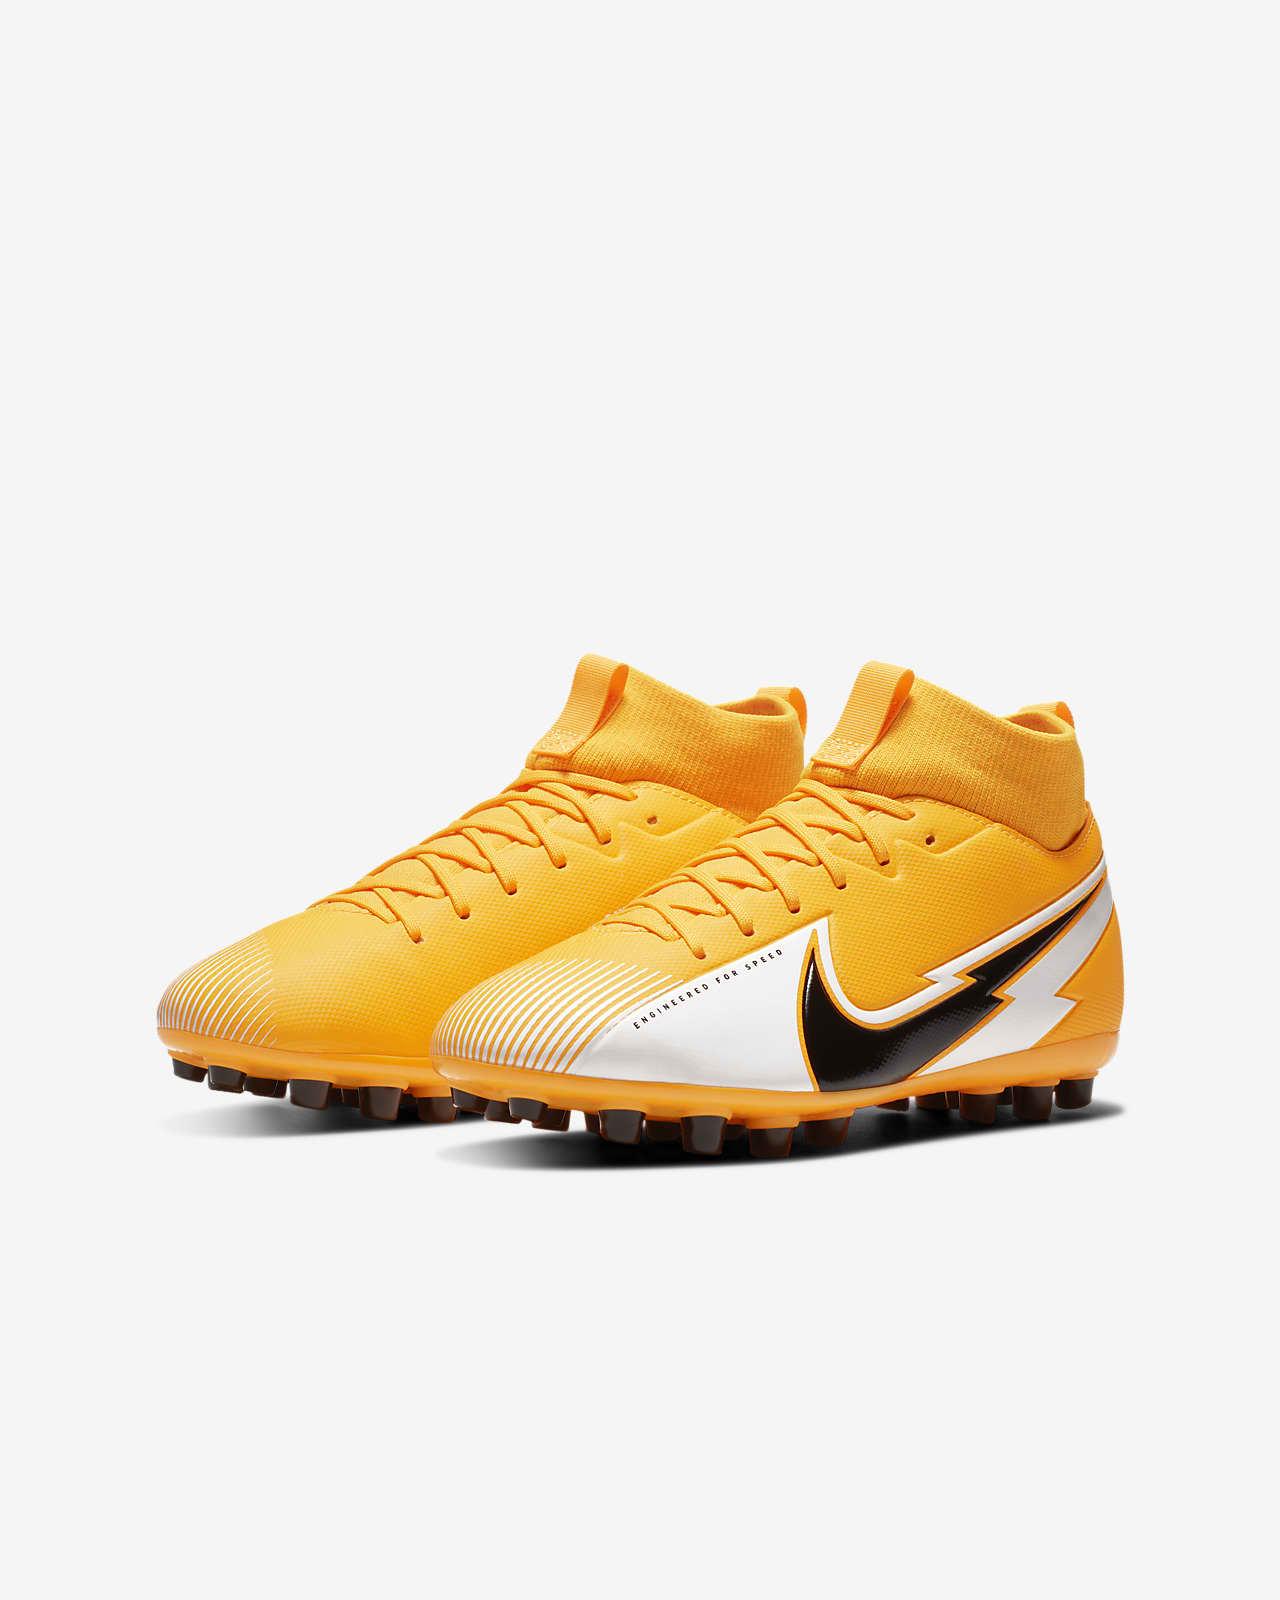 Pórtico explosión Familiar  Nike Jr. Mercurial Superfly 7 Academy AG Botas de fútbol para césped  artificial - Niño/a y niño/a pequeño/a. Nike ES